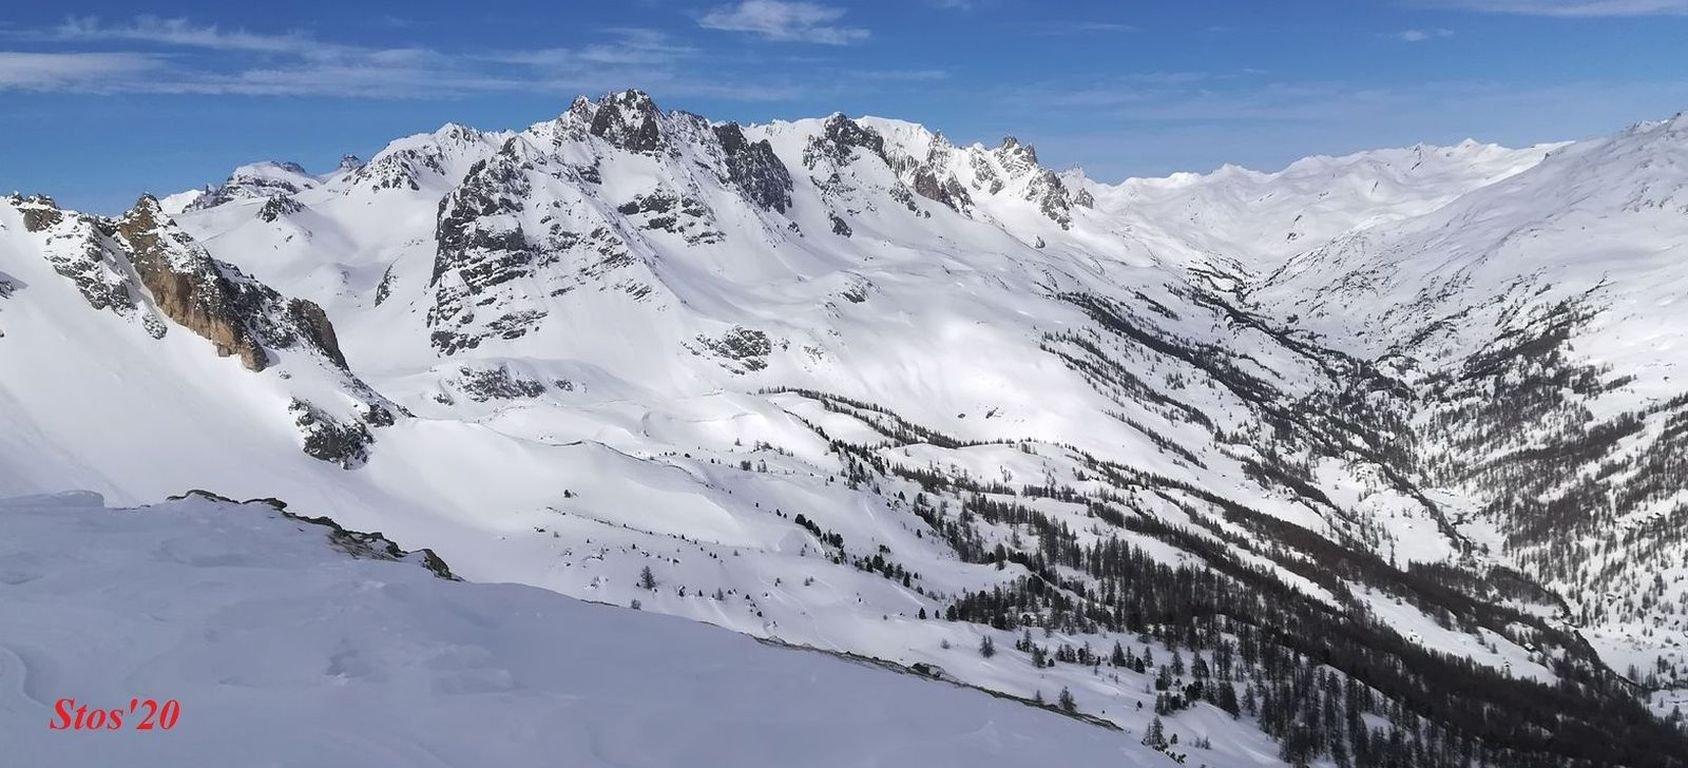 gruppo Queyrellin, Pointe des Cerces  e alta val Claree dalla cima